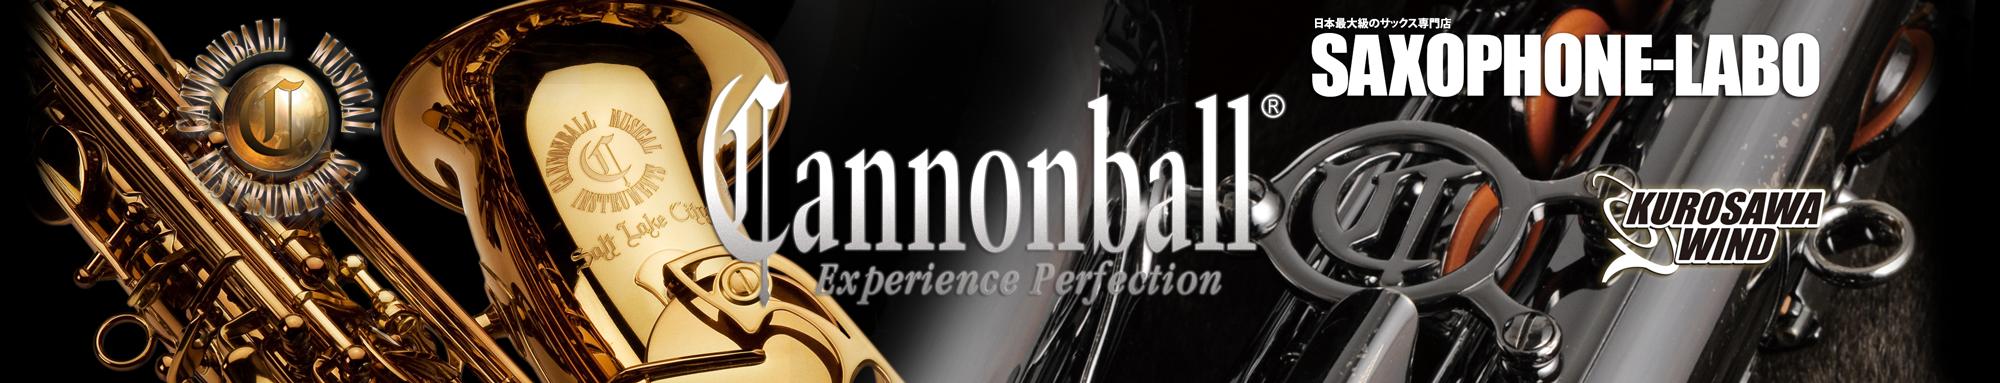 Cannonball(キャノンボール)カタログ